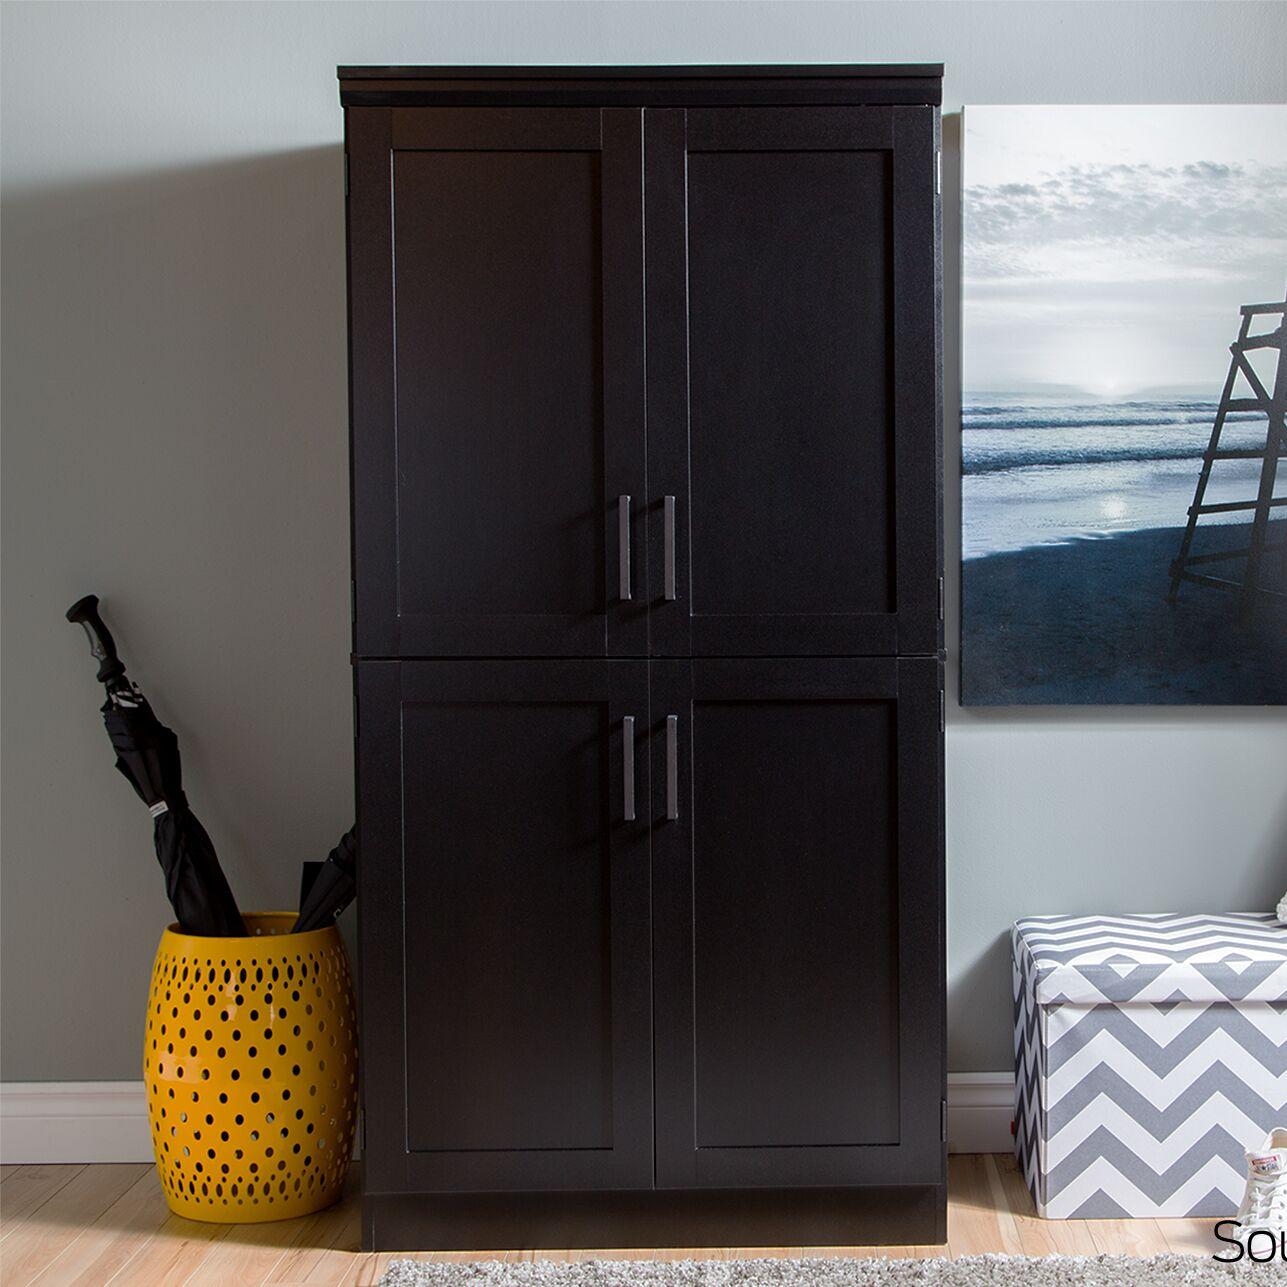 Preciado Rustic Wardrobe Armoire Color: Pure Black